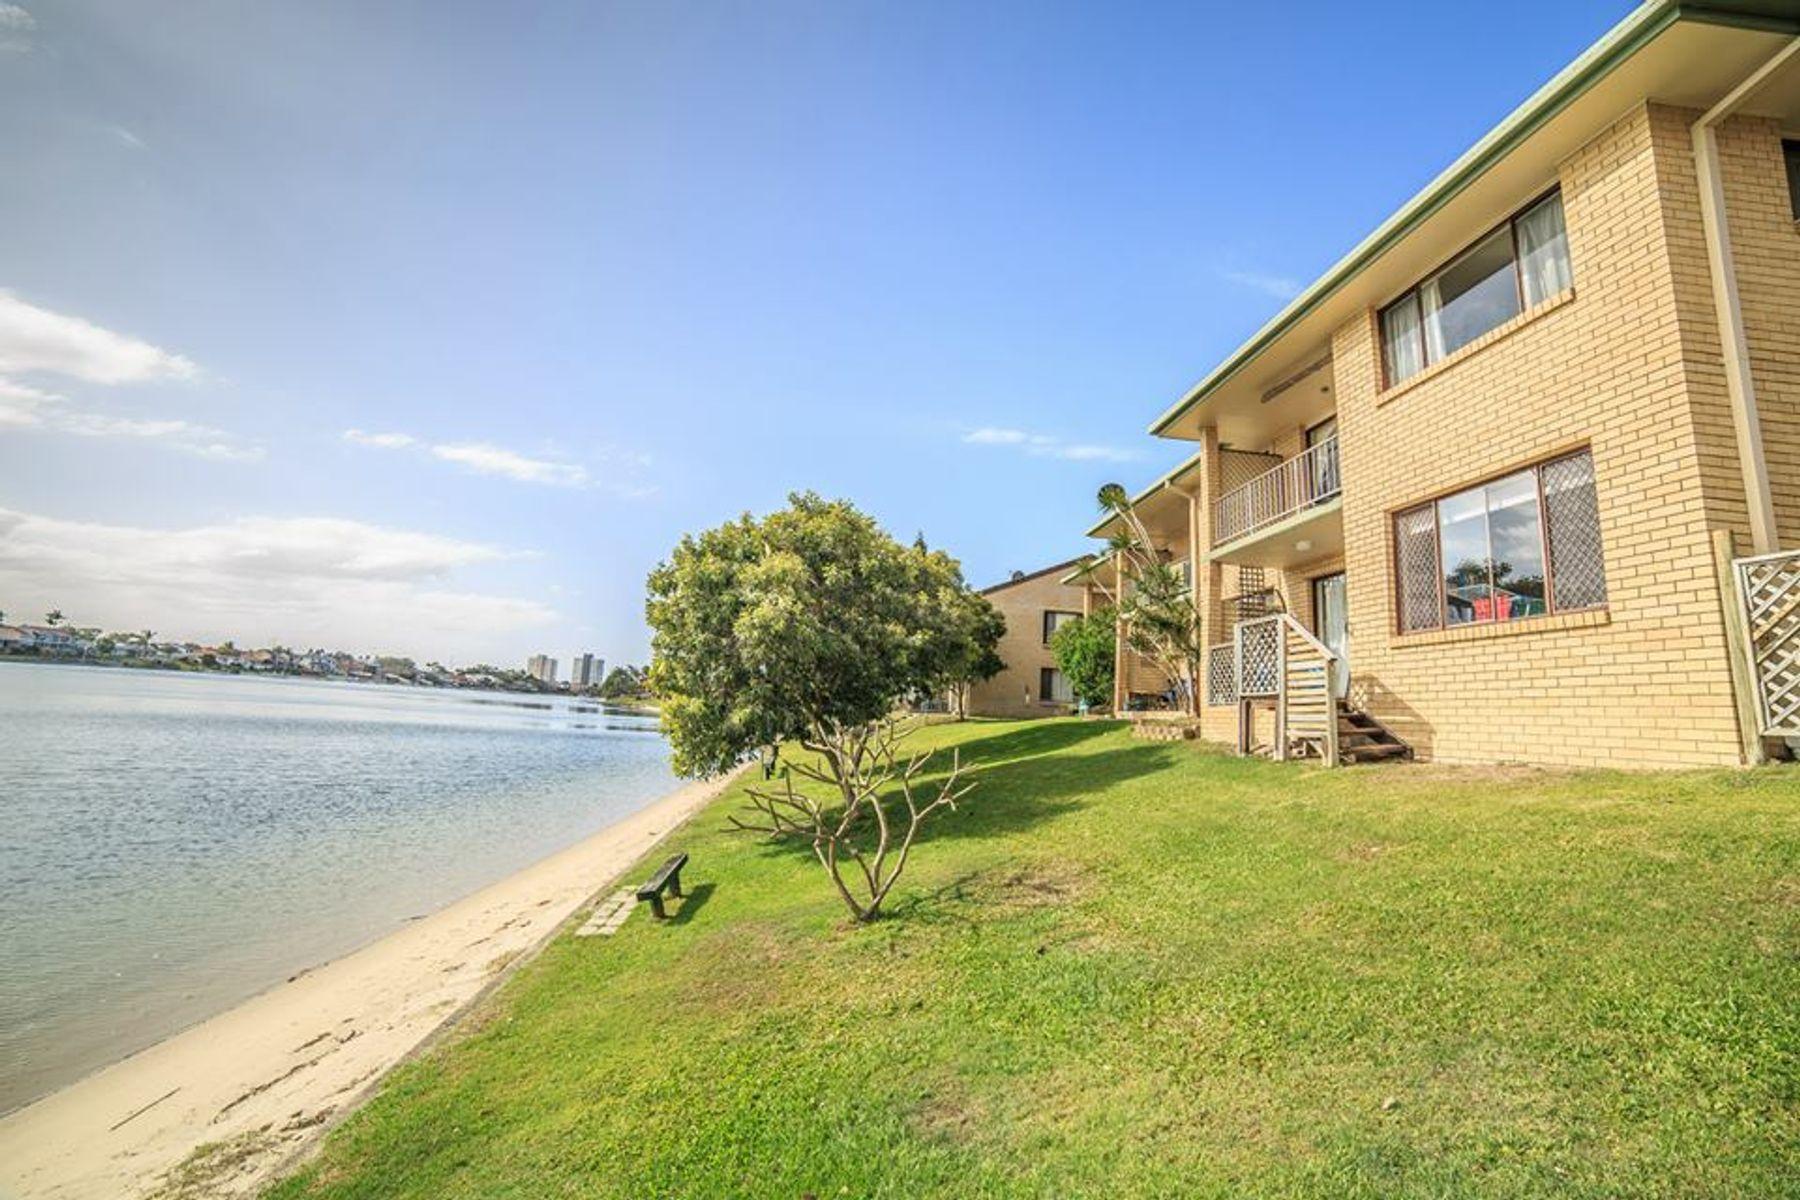 7/47 Duet Drive, Mermaid Waters, QLD 4218